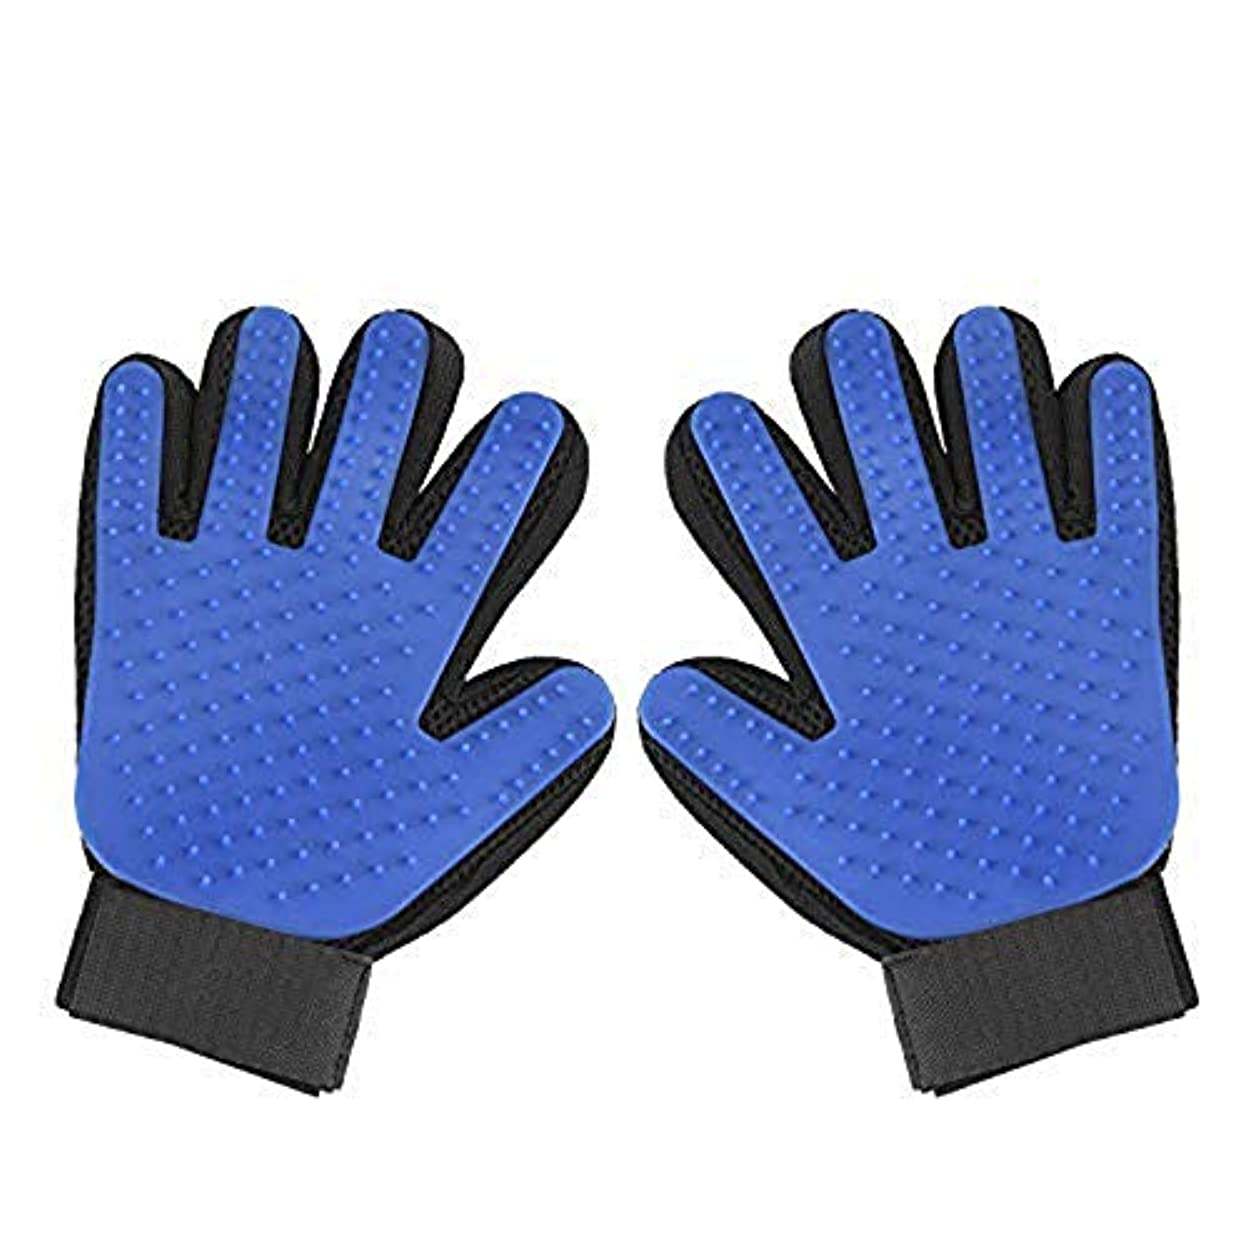 キノコメロディアス国際ペットグルーミンググローブ-ペットヘアリムーバー両面手袋シリコーン5本指マッサージブラシ-動物の美しさ脱毛器-猫と犬のためのロングとショート毛皮のために適しています (1 ペア)